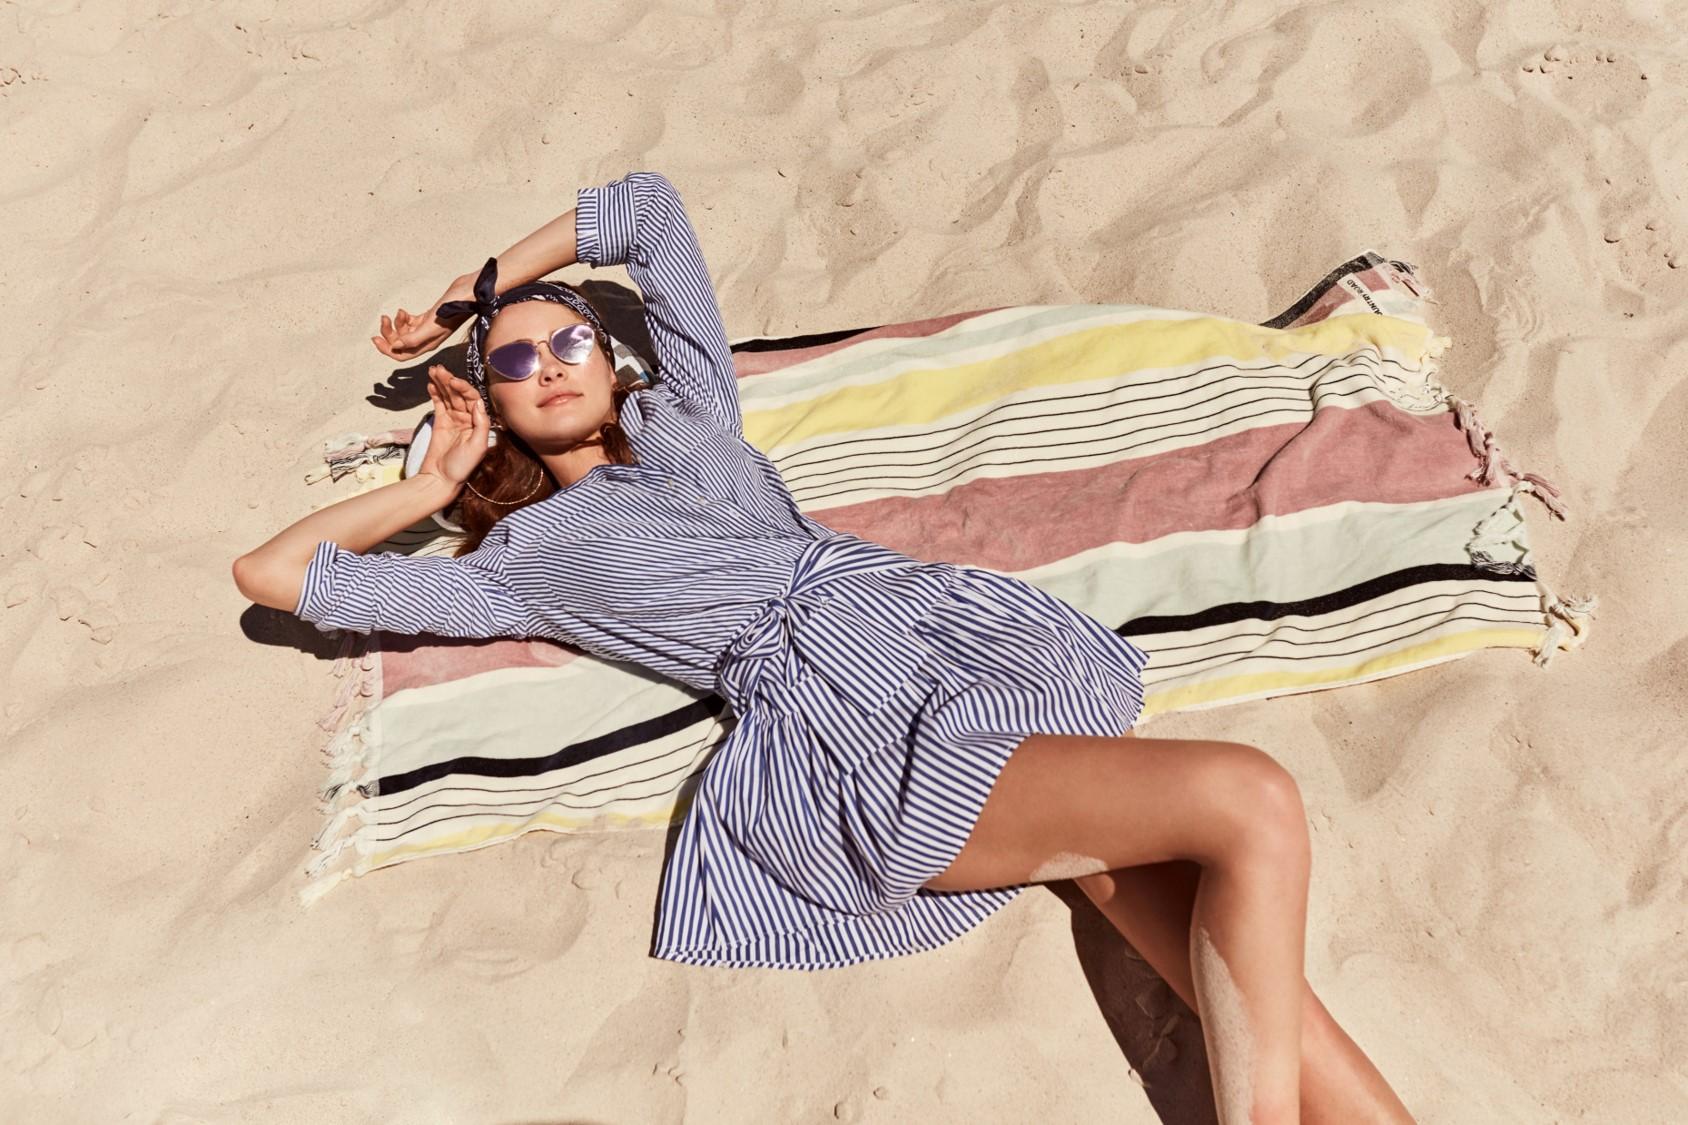 fd1cef9f9e84 Na pláž i do mesta!!! Módna značka Sinsay predstavuje špeciálnu letnú  kolekciu plnú pohody a jemnej elegancie!